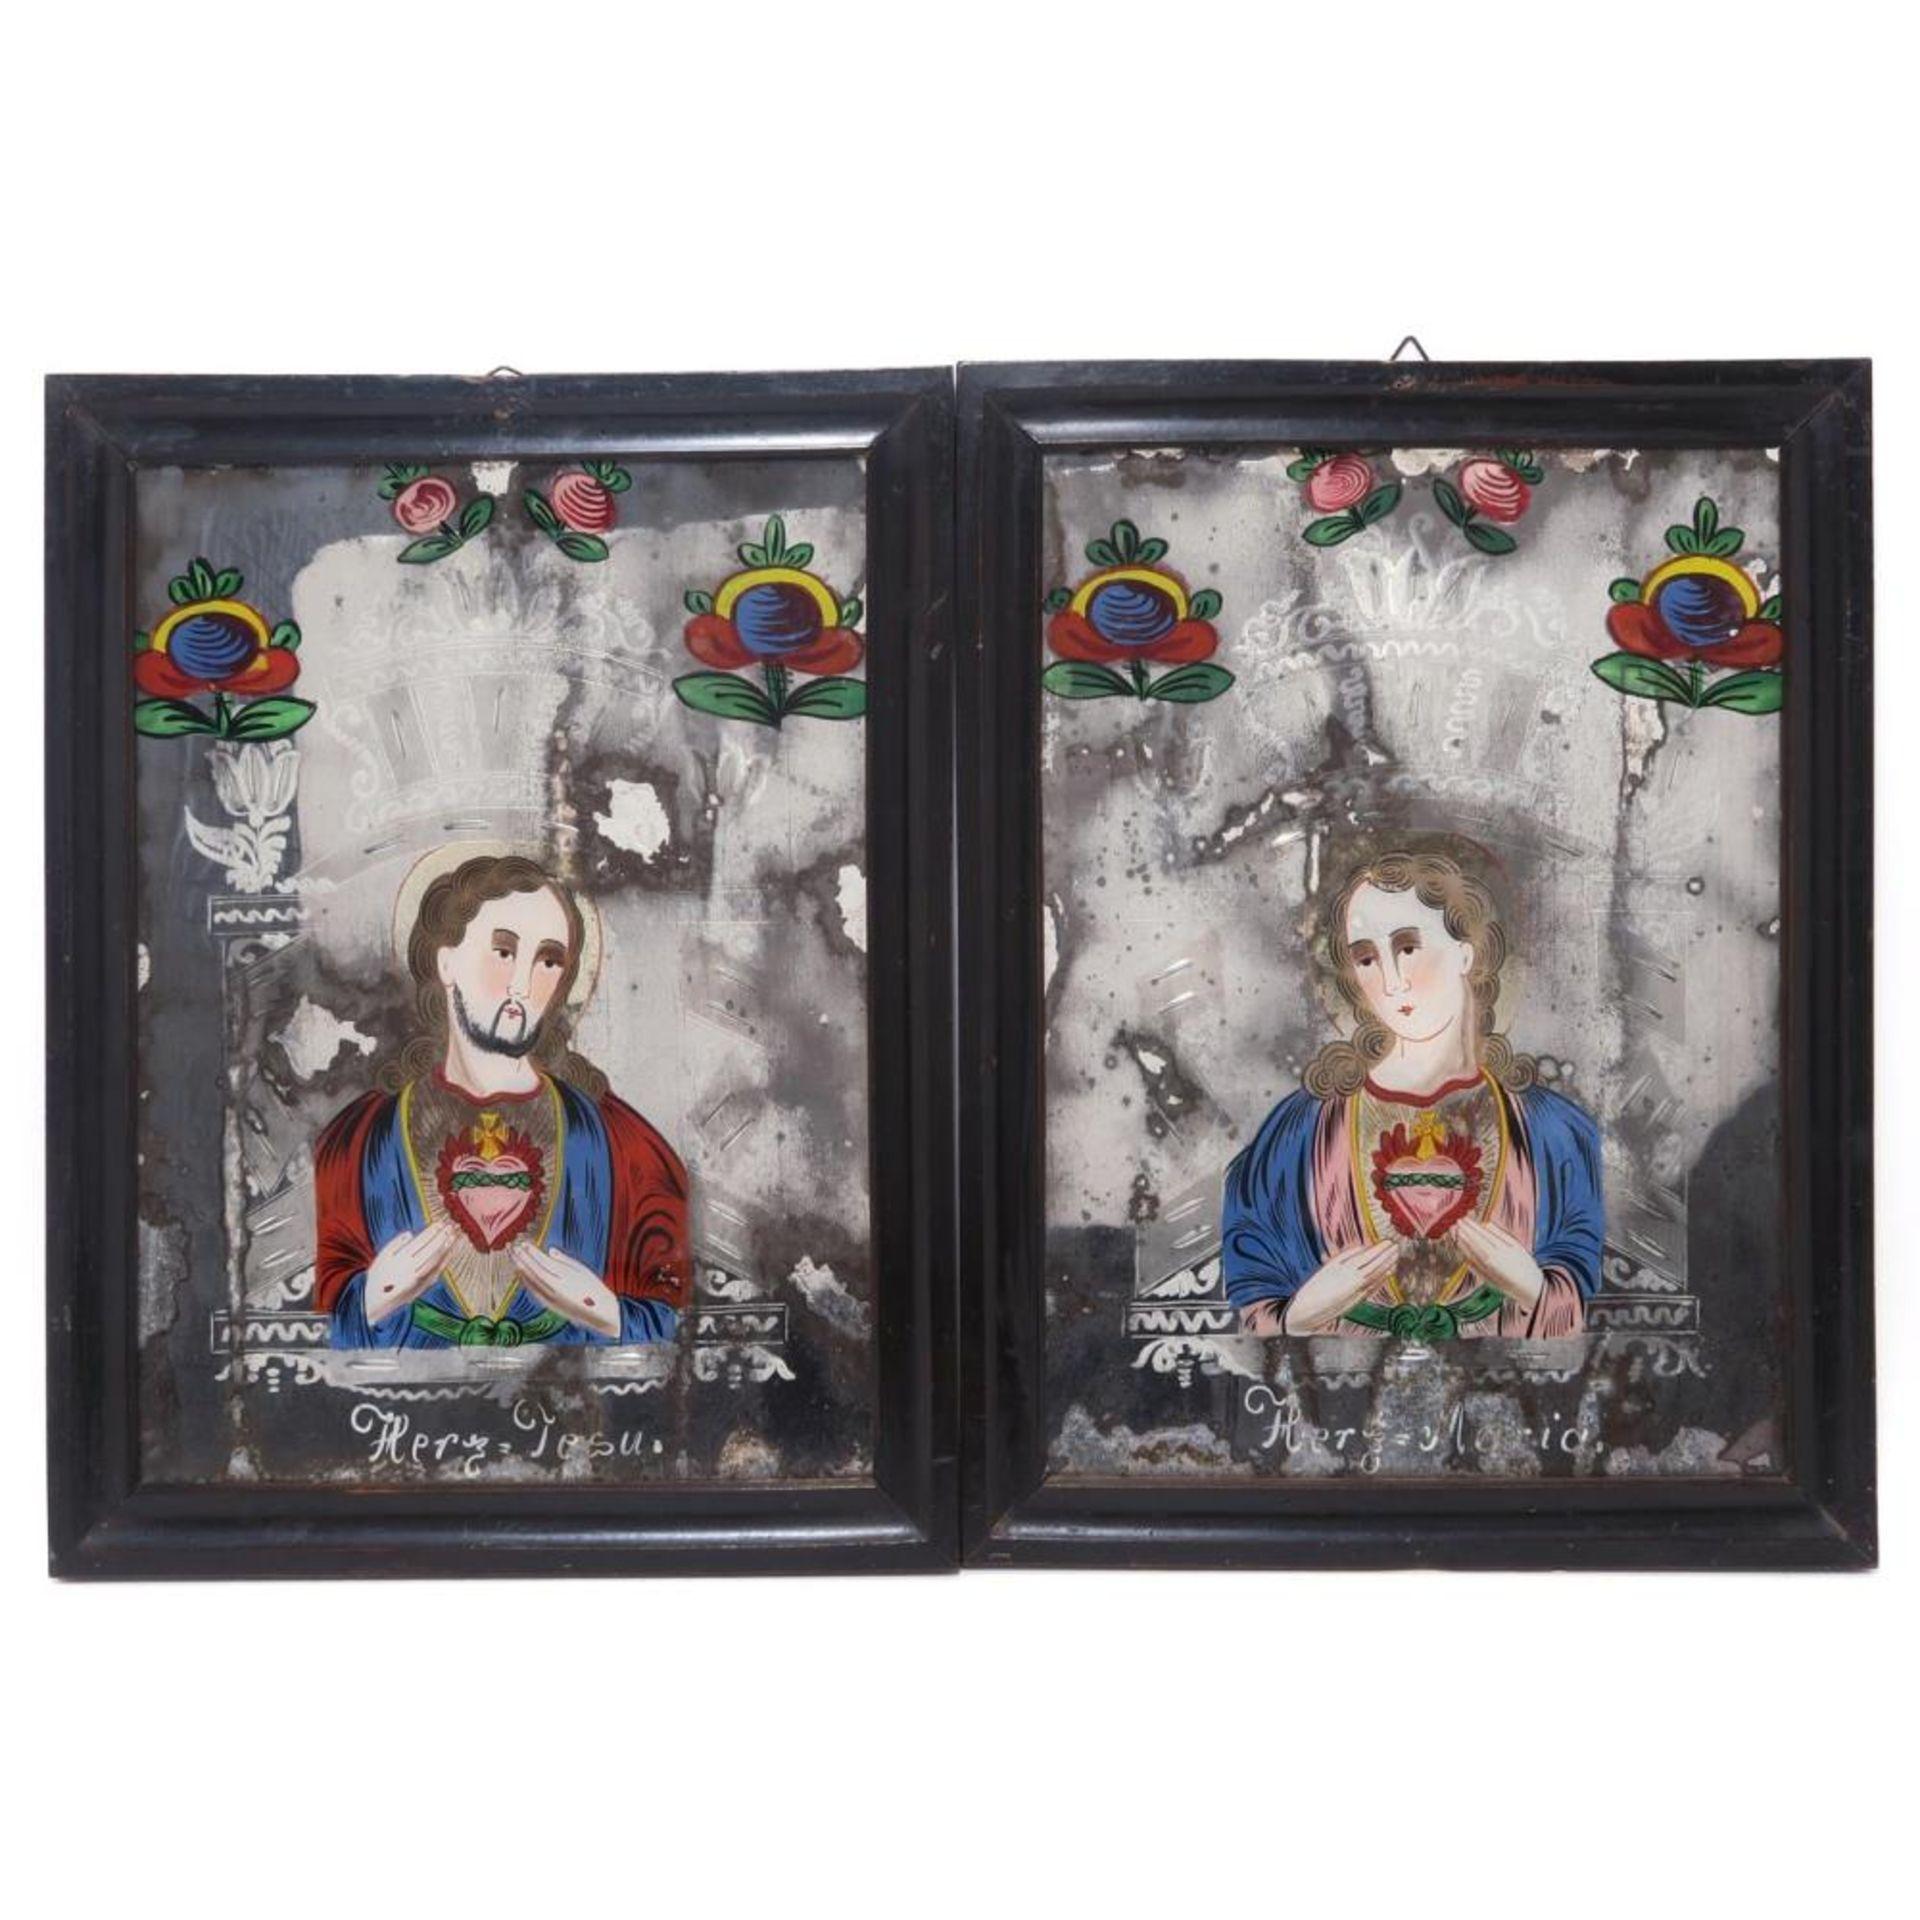 Ein Paar Hinterglas-Spiegelschliffbilder